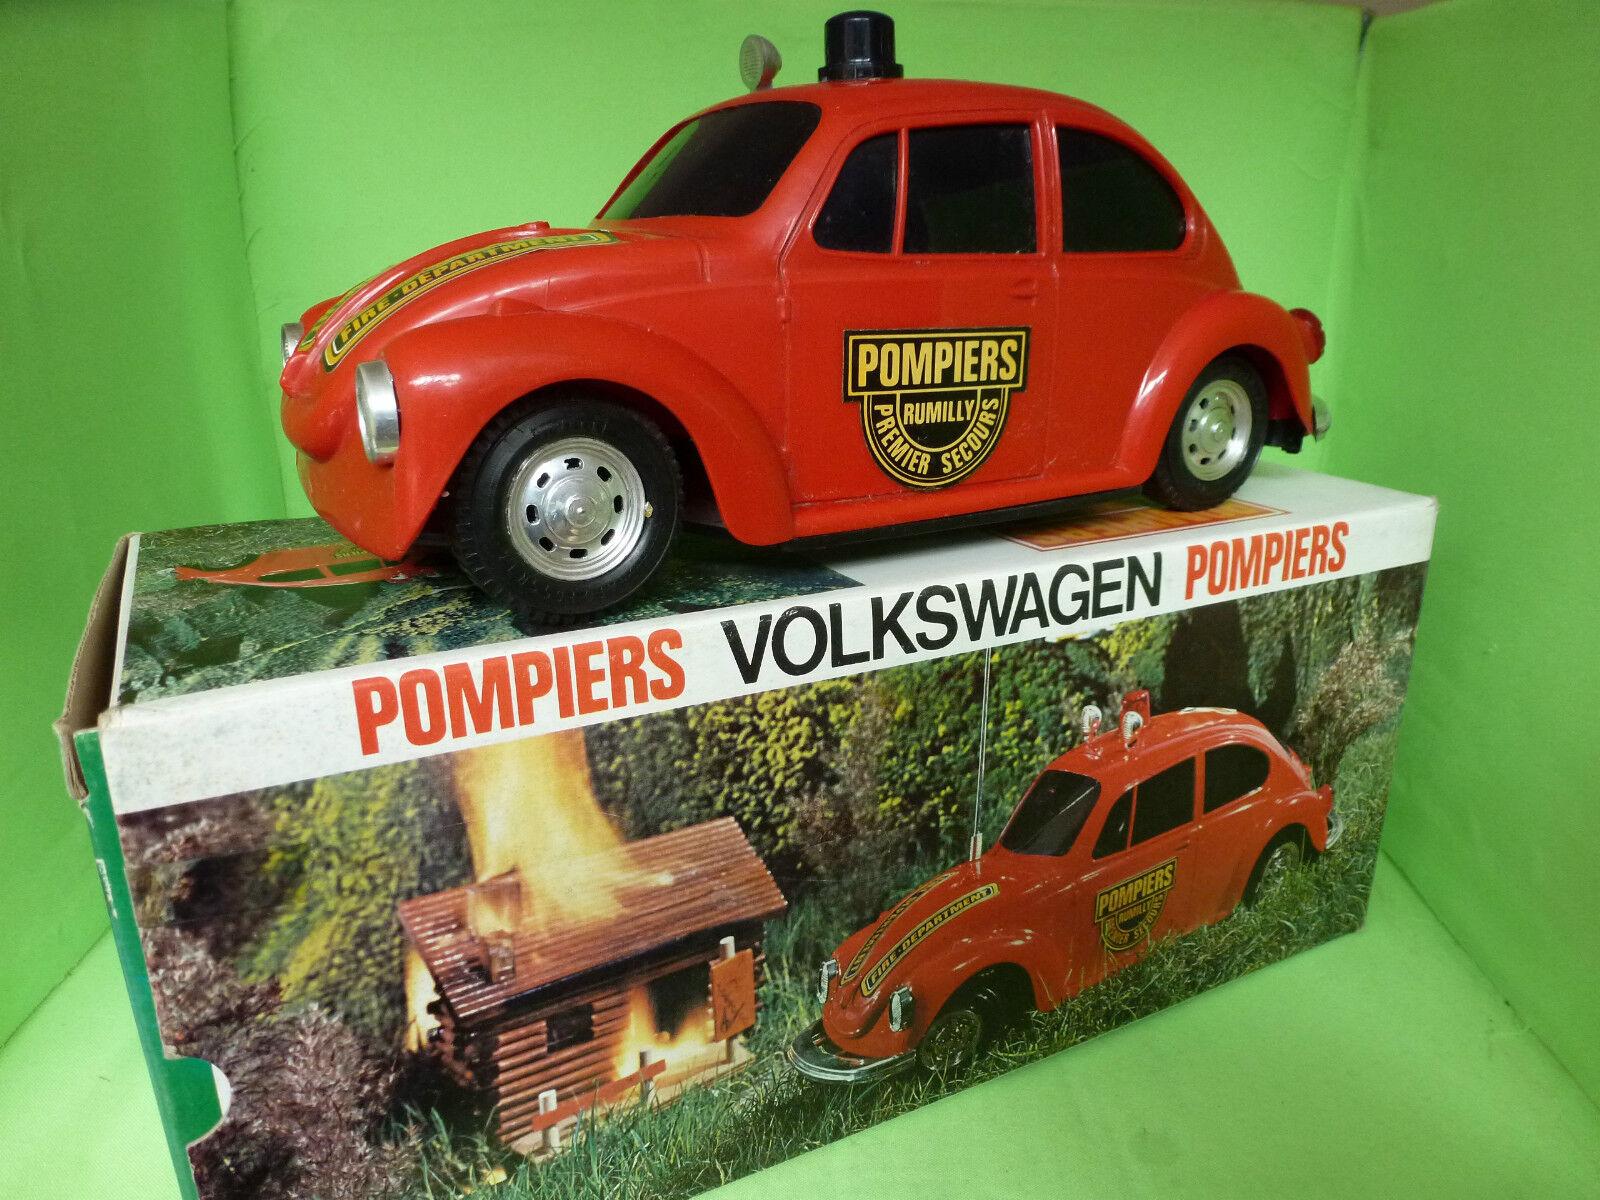 REEL 234 VW VOLKSWAGEN KAFER BEETLE - POMPIERS FIRE DEPARTMENT -  GOOD CONDITION